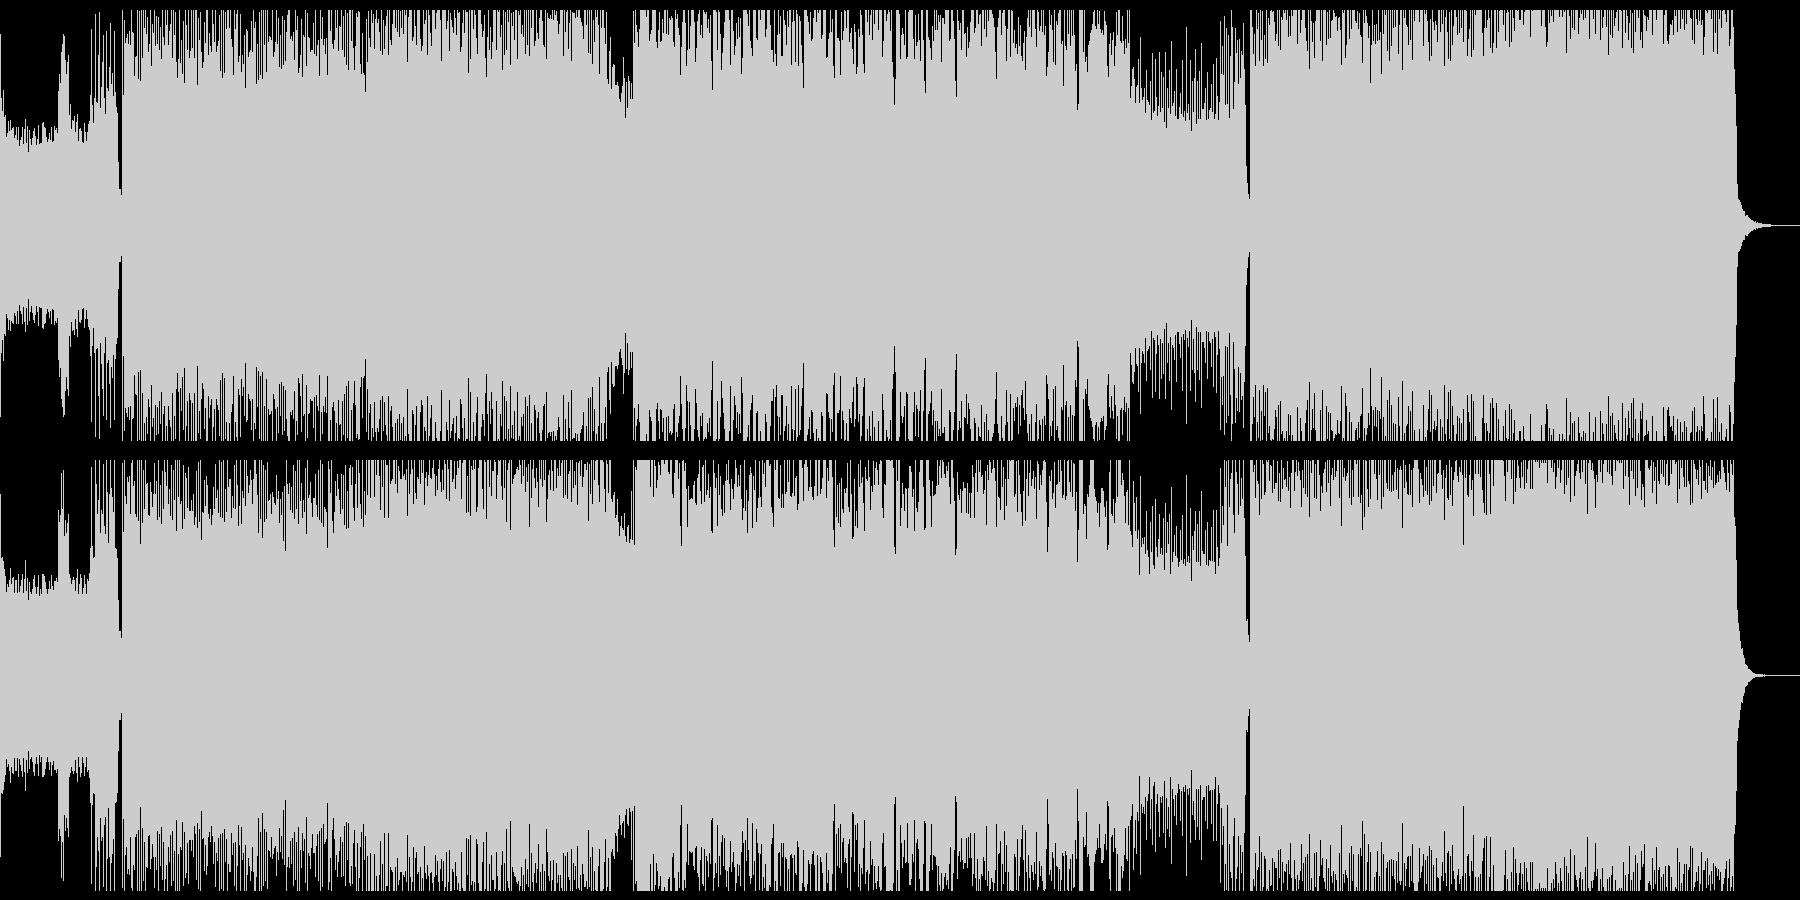 激しいエレキギターのデスメタル風バトル曲の未再生の波形